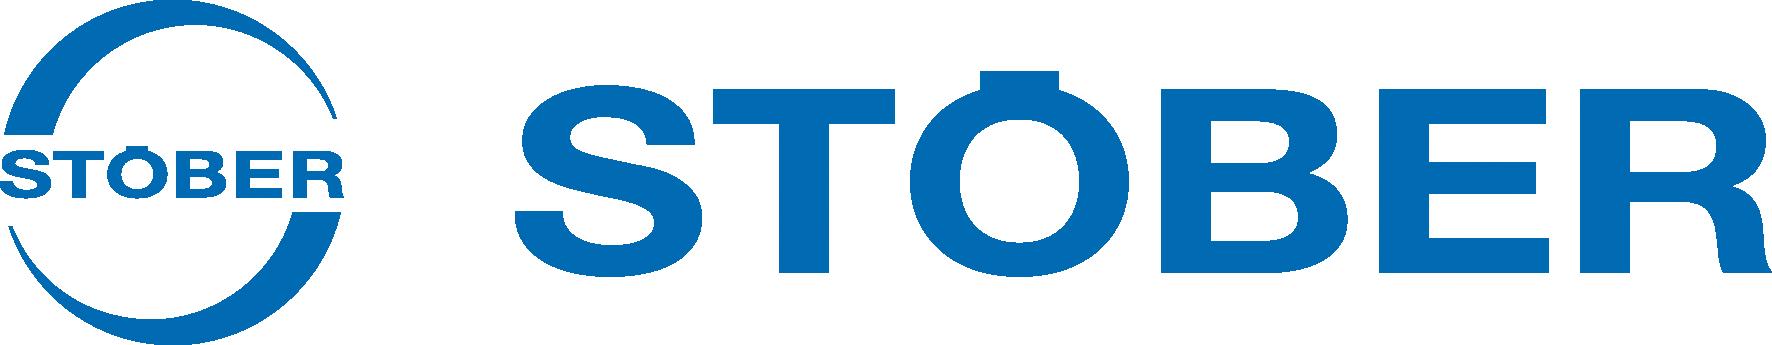 Stöber Antriebstechnik GmbH & Co. KG